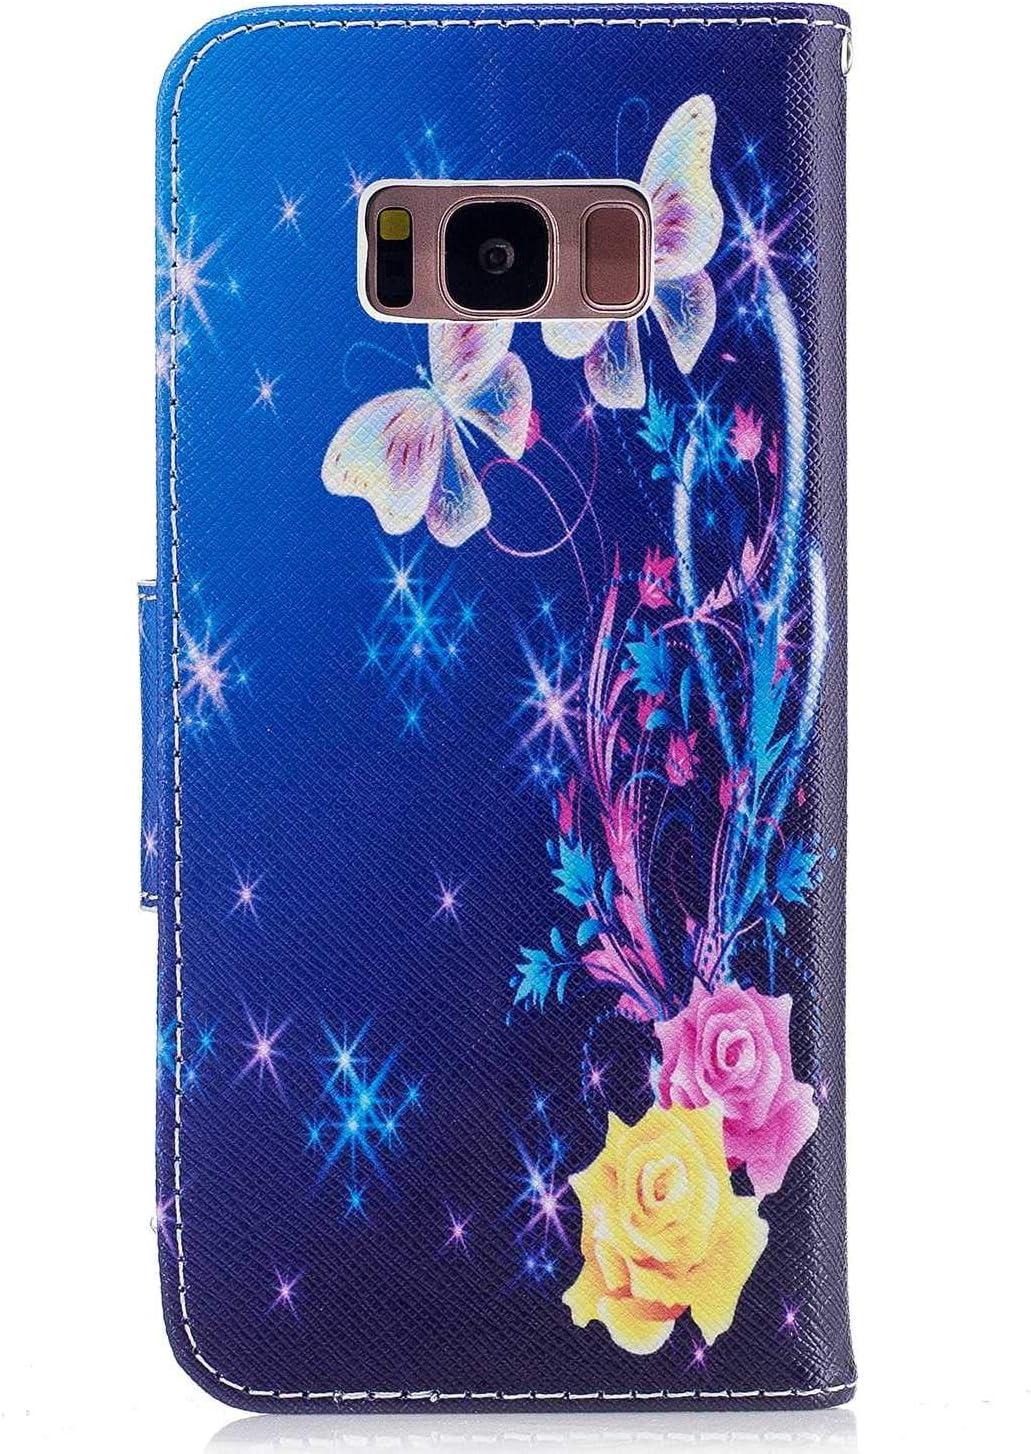 CAXPRO Coque Galaxy S8 Portefeuille Coque pour Samsung Galaxy S8 avec Fermeture magn/étique et Emplacements pour Carte Lotus /Étui en Cuir /à Rabat